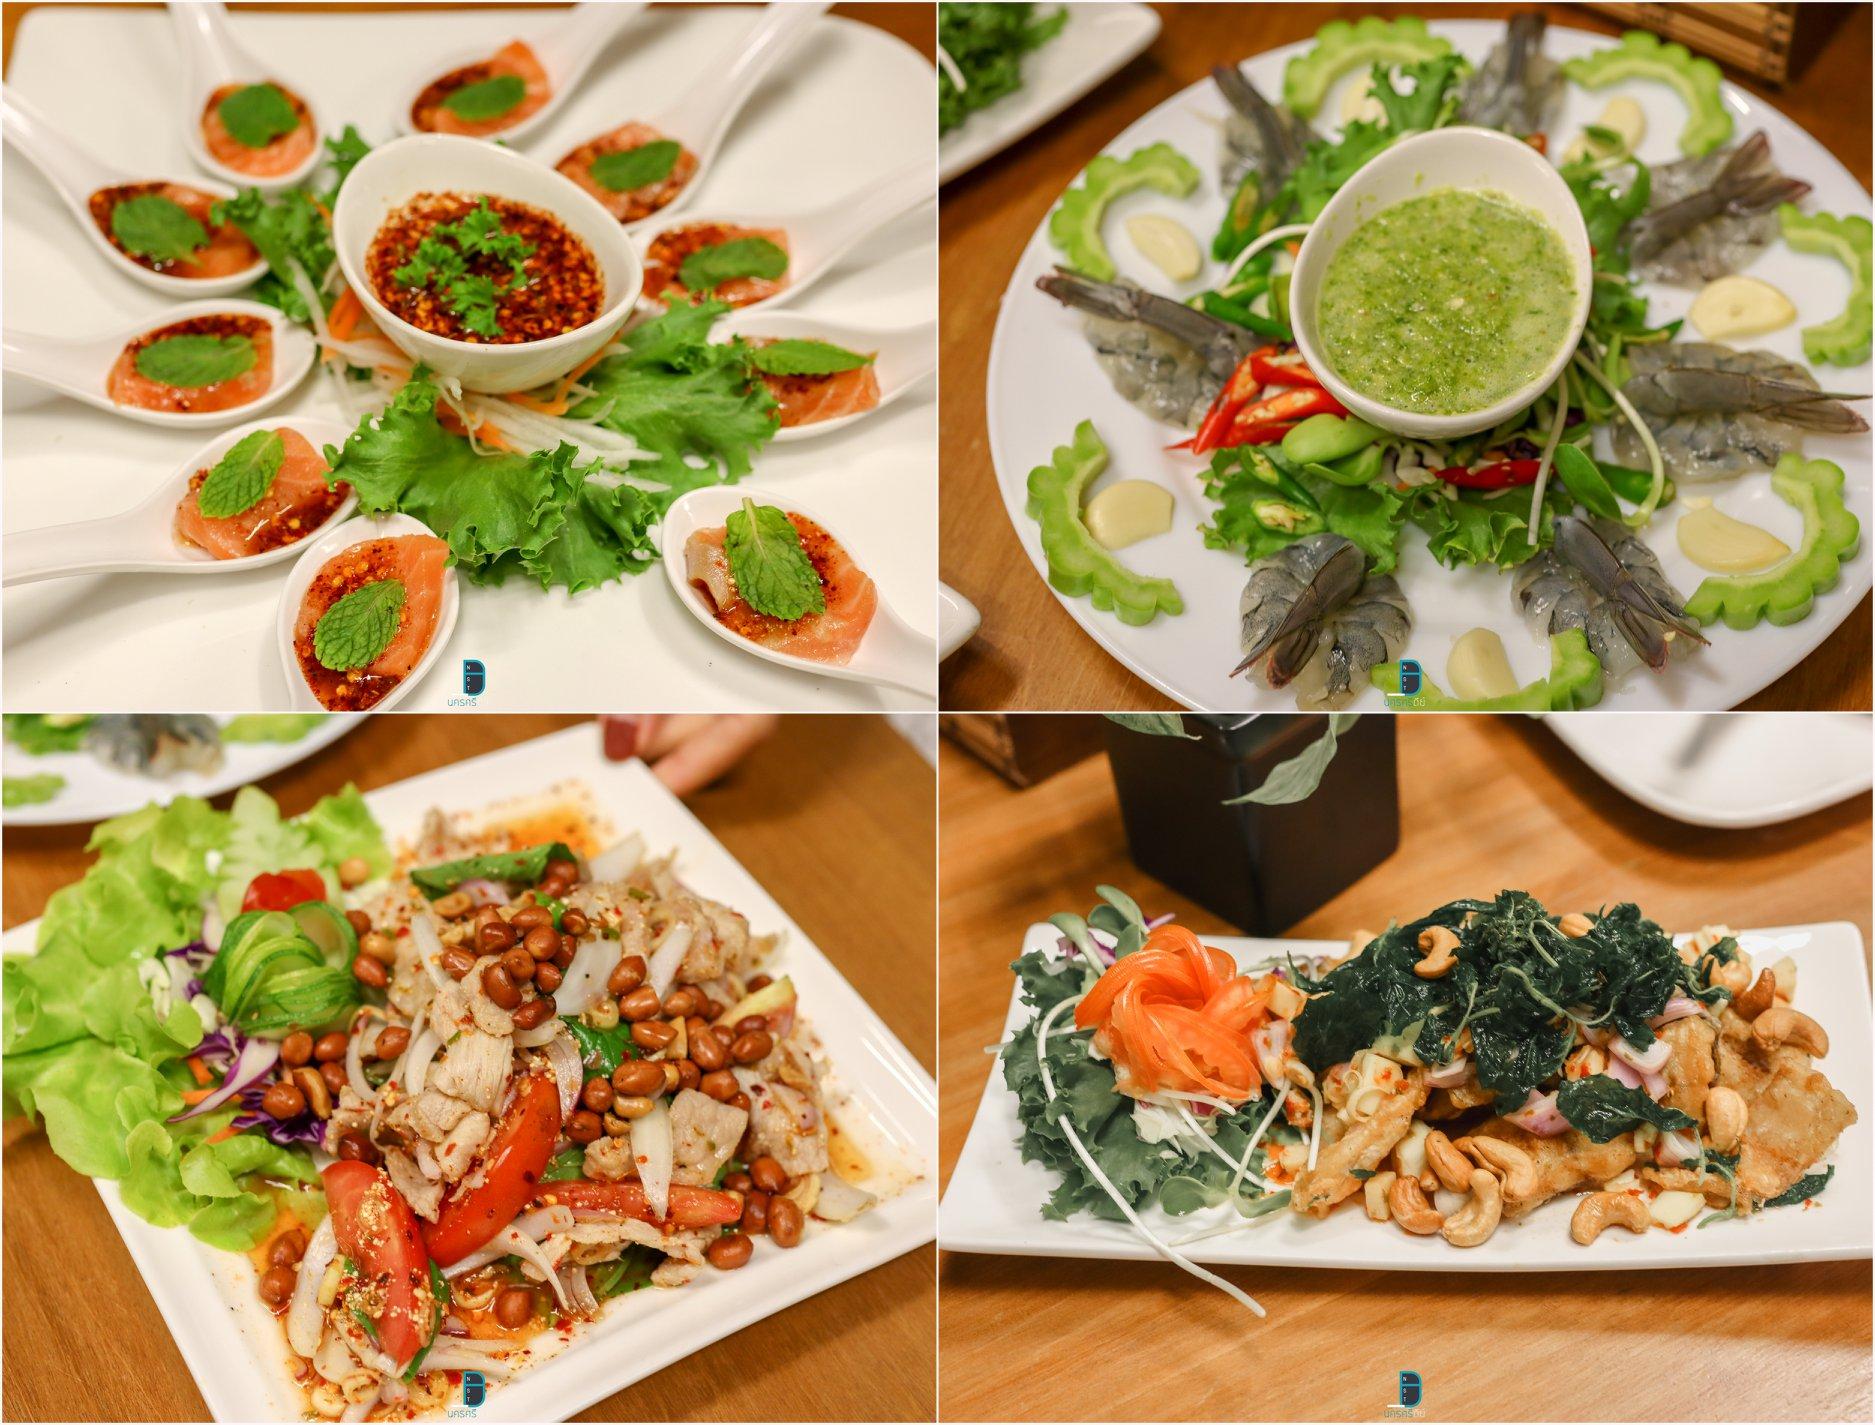 อาหารเด็ดดดดแลคอน,rooftop,นครศรีธรรมราช,โรงแรม,ร้านอาหาร,เด็ด,สวย,วิวหลักล้าน